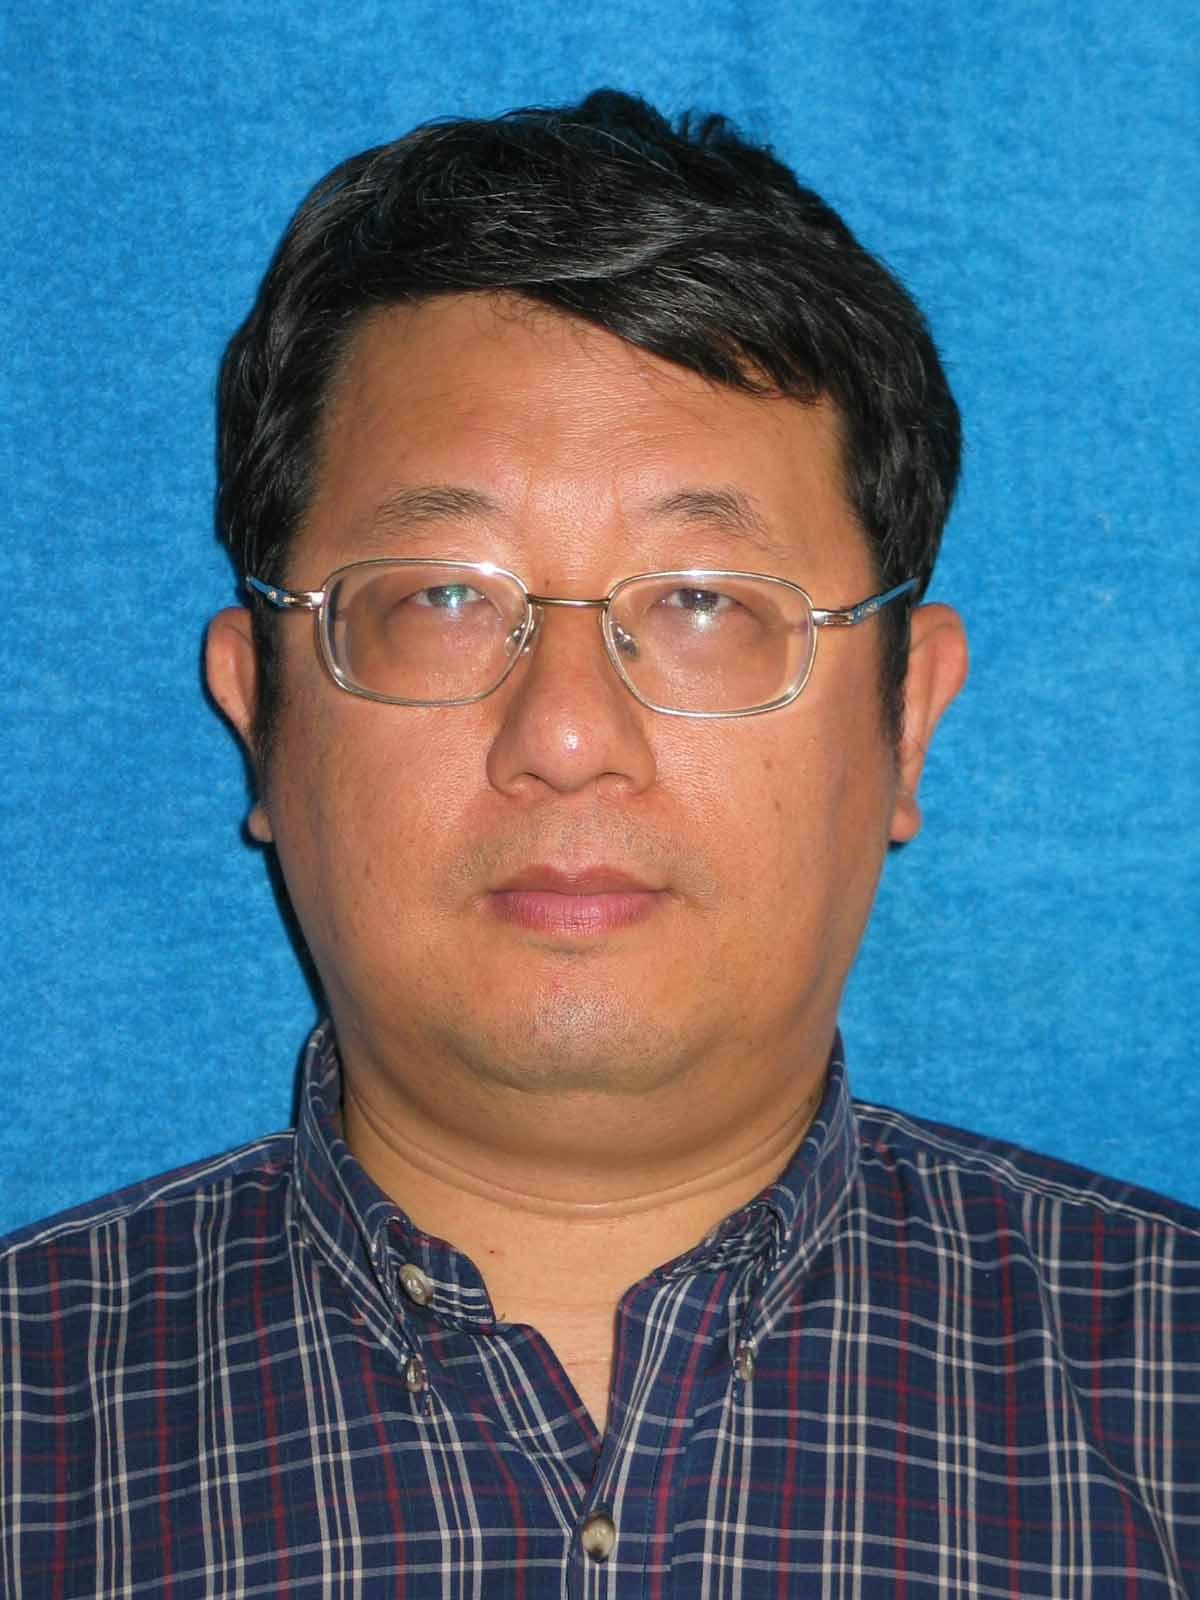 1958 年出生于台湾高雄, 台湾大学化学系毕业, 美国 Clemson 大学化学硕士、Kentucky 大学化学博士、SUNY Buffalo 化学博士后。1996 年到北京大学化学学院任教并且负责多台核磁共振谱仪。在北大主讲的课程有《立体化学》、《有机化学实验》、《有机合成化学》、《化学信息学》、《核磁共振在化学中的应用》等课程; 负责管理的核磁共振谱仪包括美国 Varian、德国Bruker、日本电子JEOL、国产中科波谱牛津Wnmr等各种型号。在国内首倡与推动核磁共振谱仪开放给老师学生自行上机操作的风气, 创办国内氘代试剂生产公司引导试剂价格的大幅降低。目前是国内两大核磁共振论坛 (仪器信息网, 中国核磁共振论坛) 的资深版主。担任北京波谱学会副会长、中国仪器仪表学会分析仪器学会理事、中国分析测试协会仪器评议波谱专家组组长等职务,在核磁共振界具有一定的声誉与贡献。